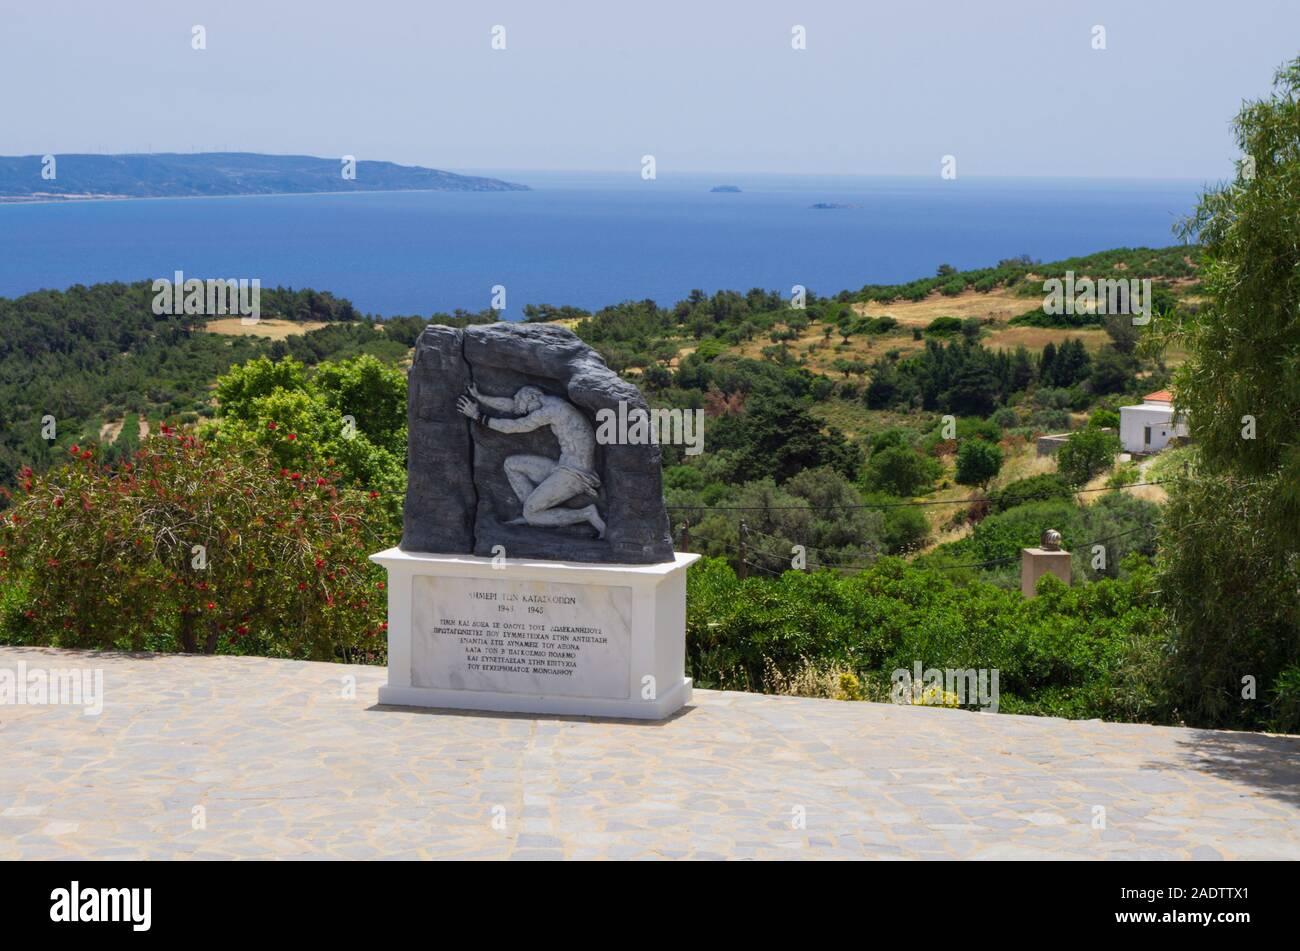 Lindos Village, Rhodos, Griechenland - 28. Mai 2019: Kriegerdenkmal an den griechischen Widerstand gewidmet, auf der Insel Rhodos und den Dodekanes archipela Stockfoto